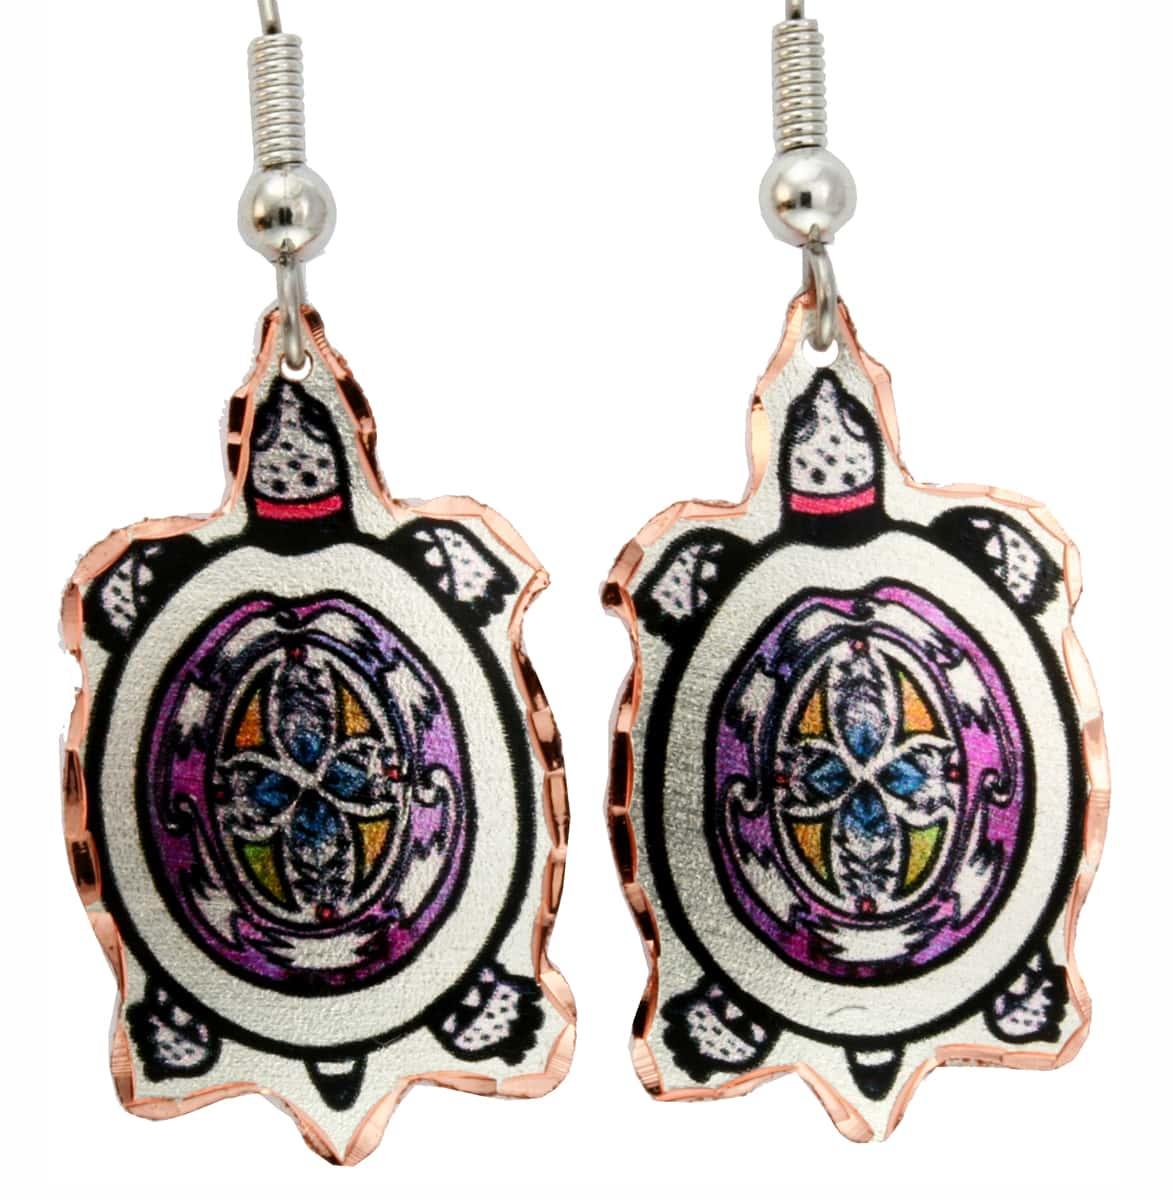 Buy Precious Turtle Earrings Handmade by Skilled Artisans